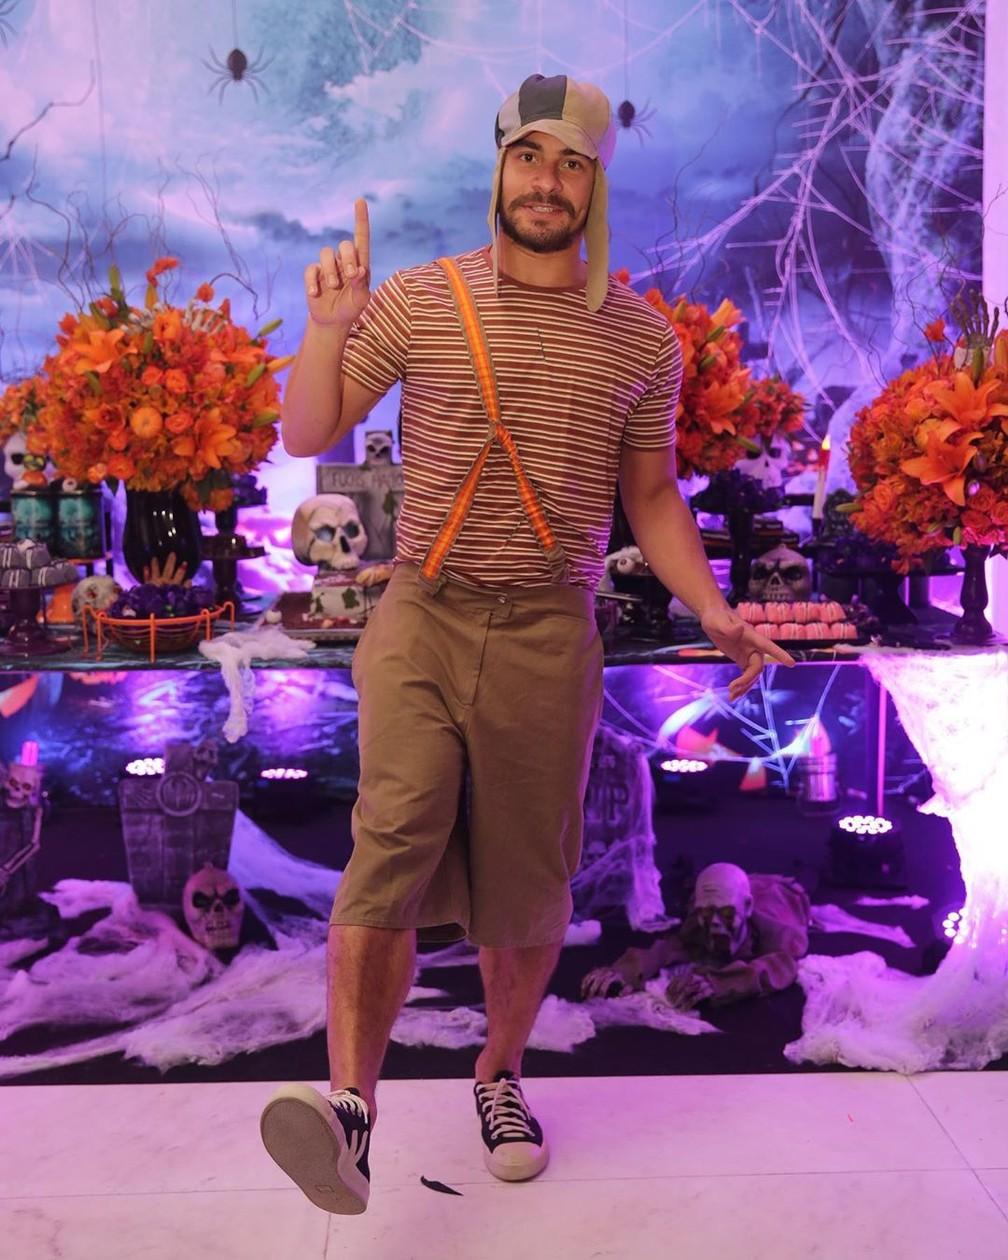 Thiago Martins foi vestido de Chaves em festa de Halloween — Foto: Reprodução/Instagram/ThiagoMartins